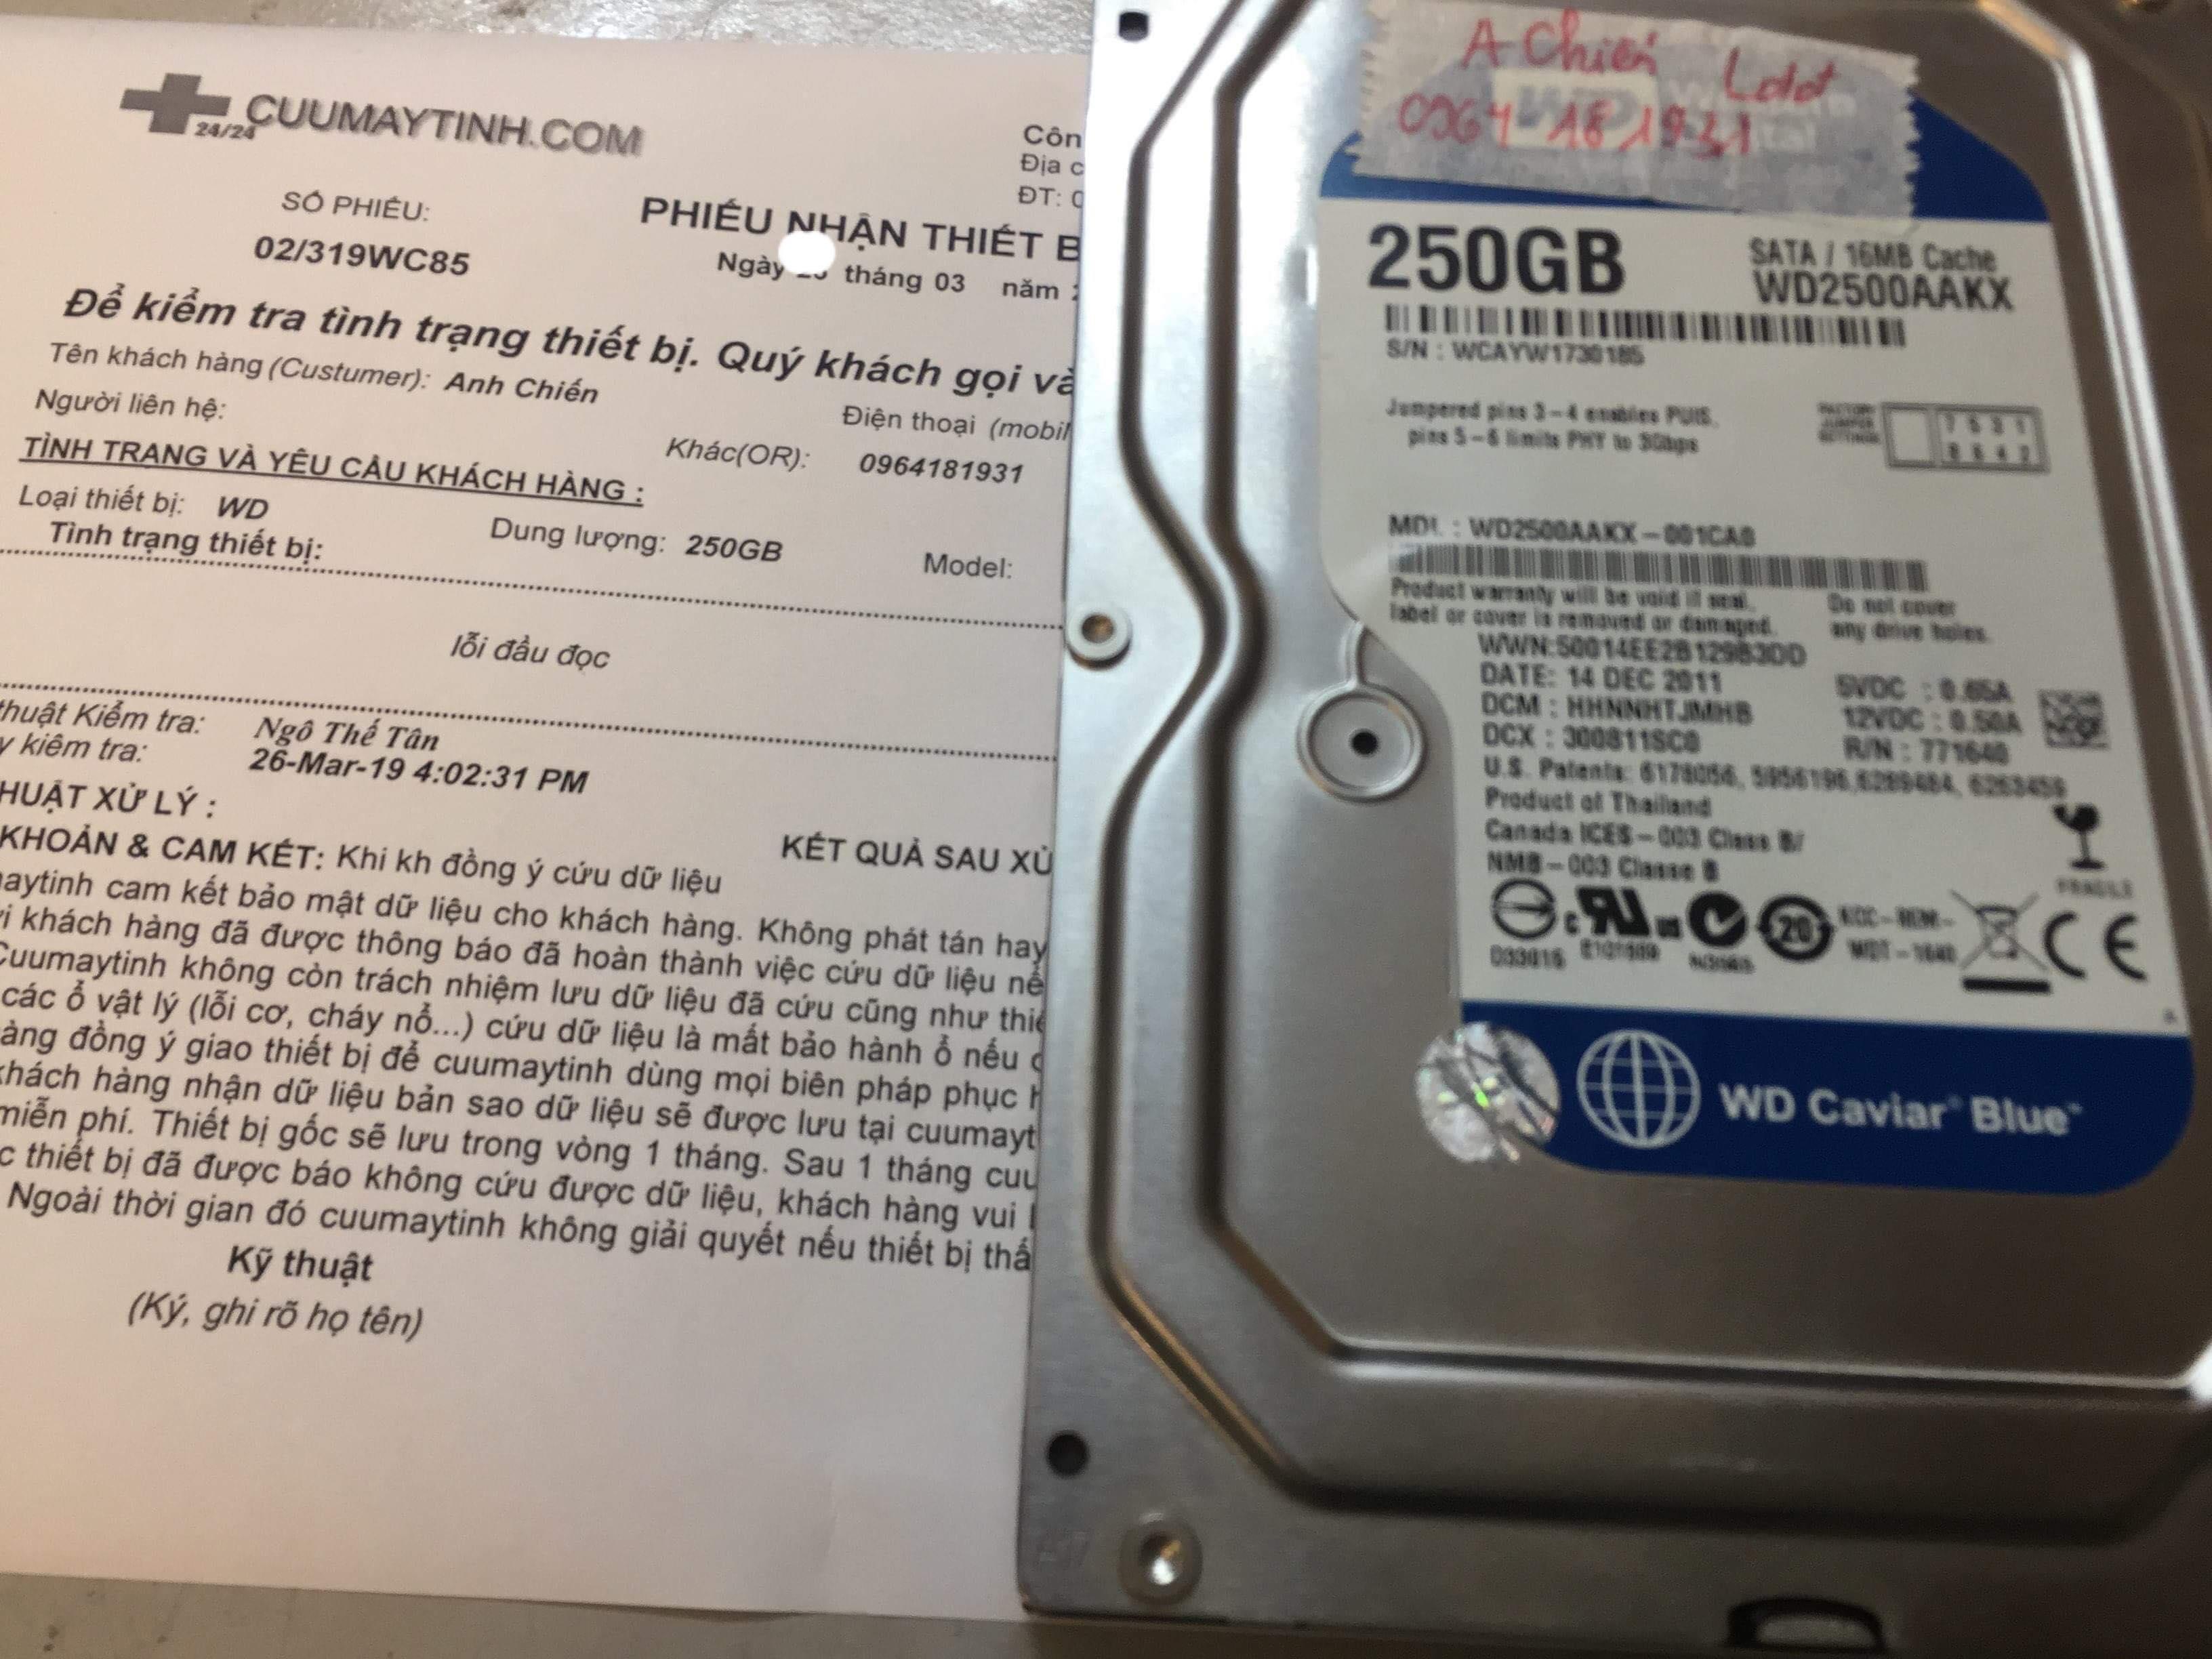 Khôi phục dữ liệu ổ cứng Western 250GB lỗi đầu đọc 30/03/2019 - cuumaytinh